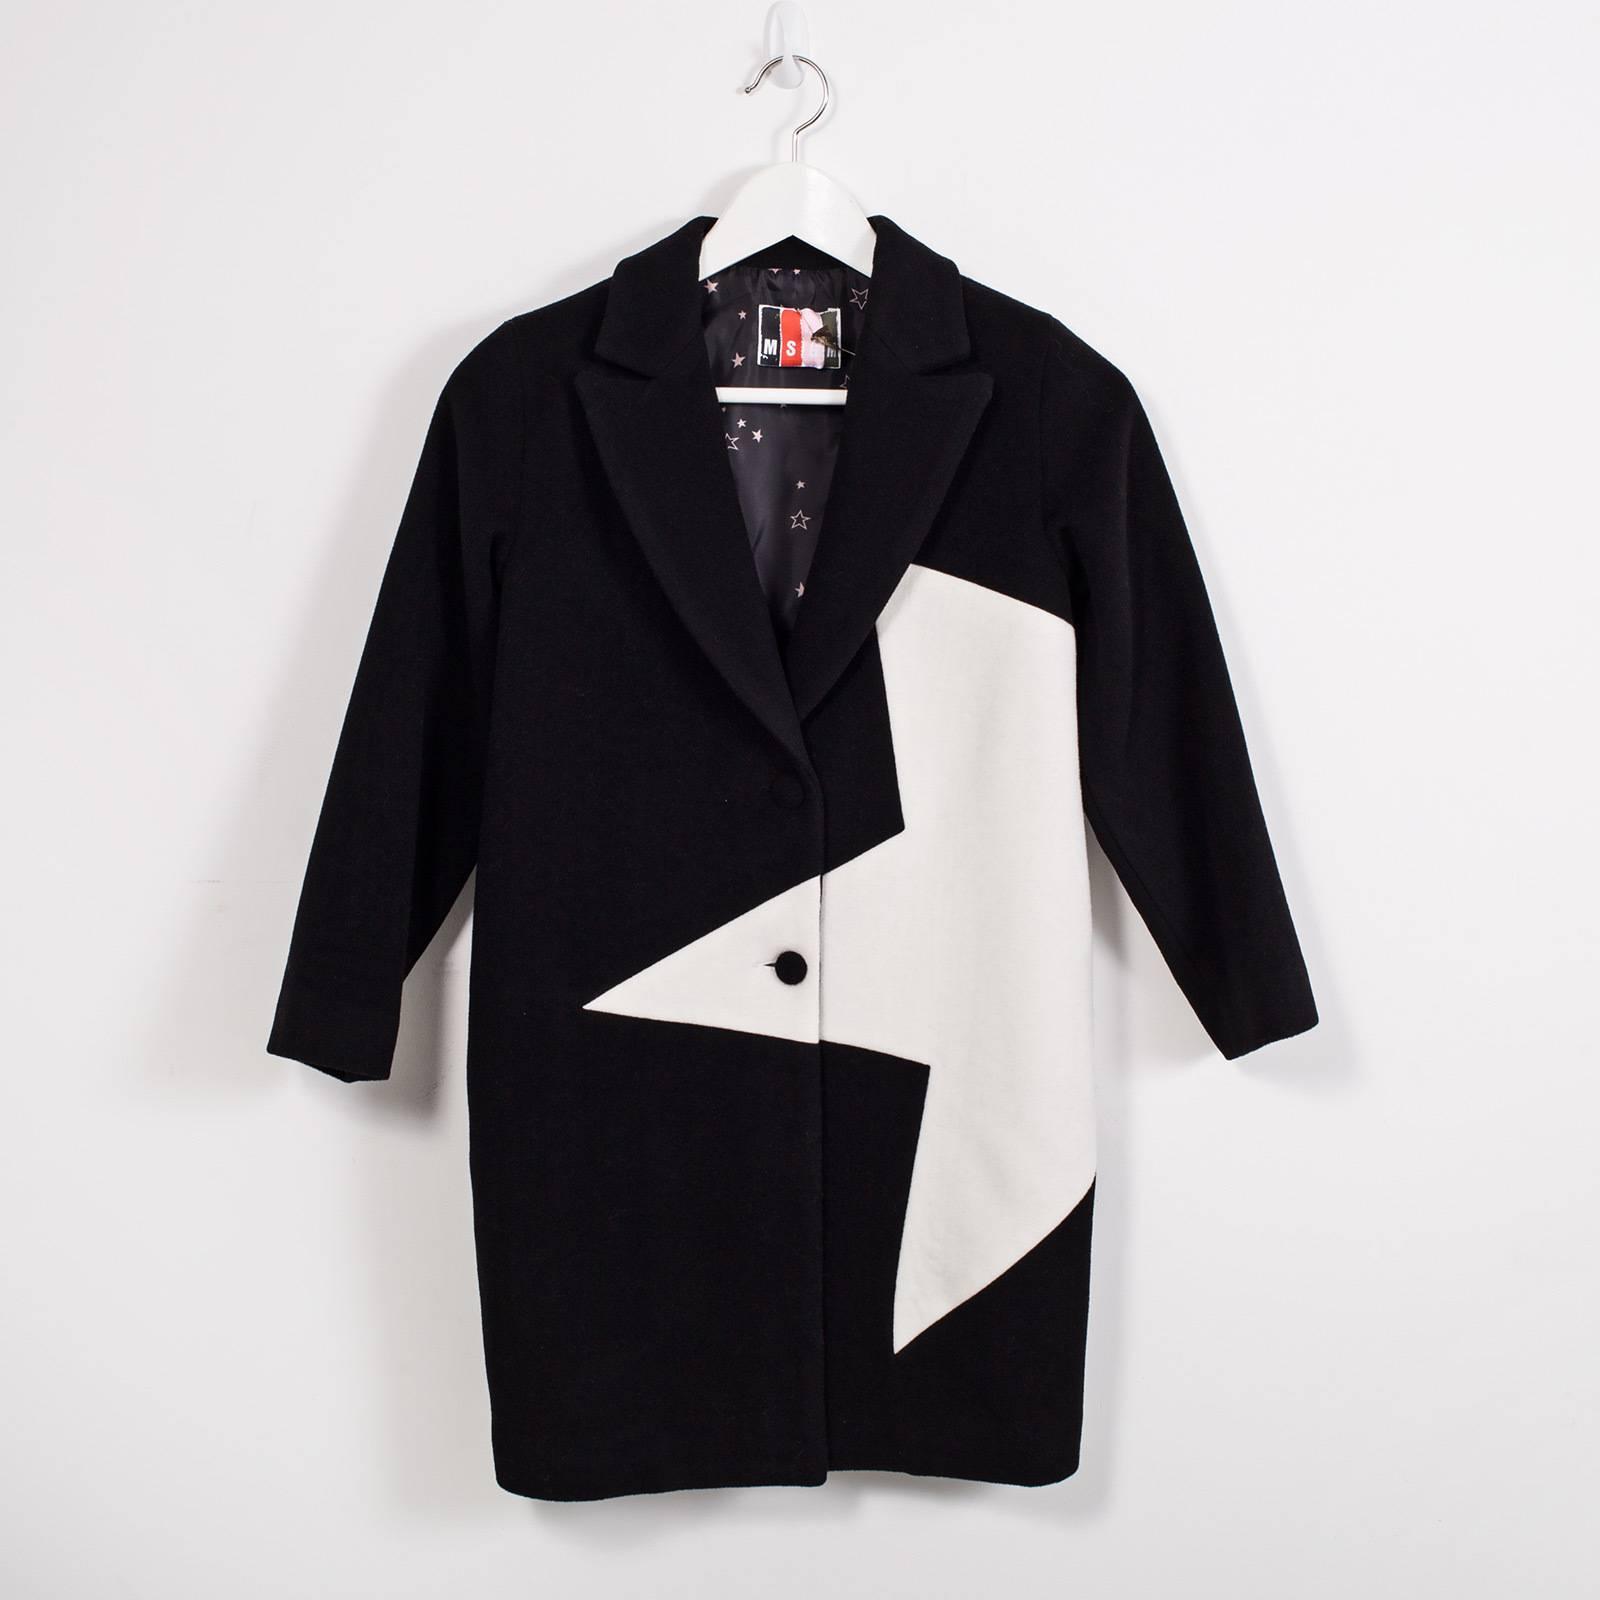 Купить пальто MSGM в Москве с доставкой по цене 6300 рублей   Second ... dab68c64c7f